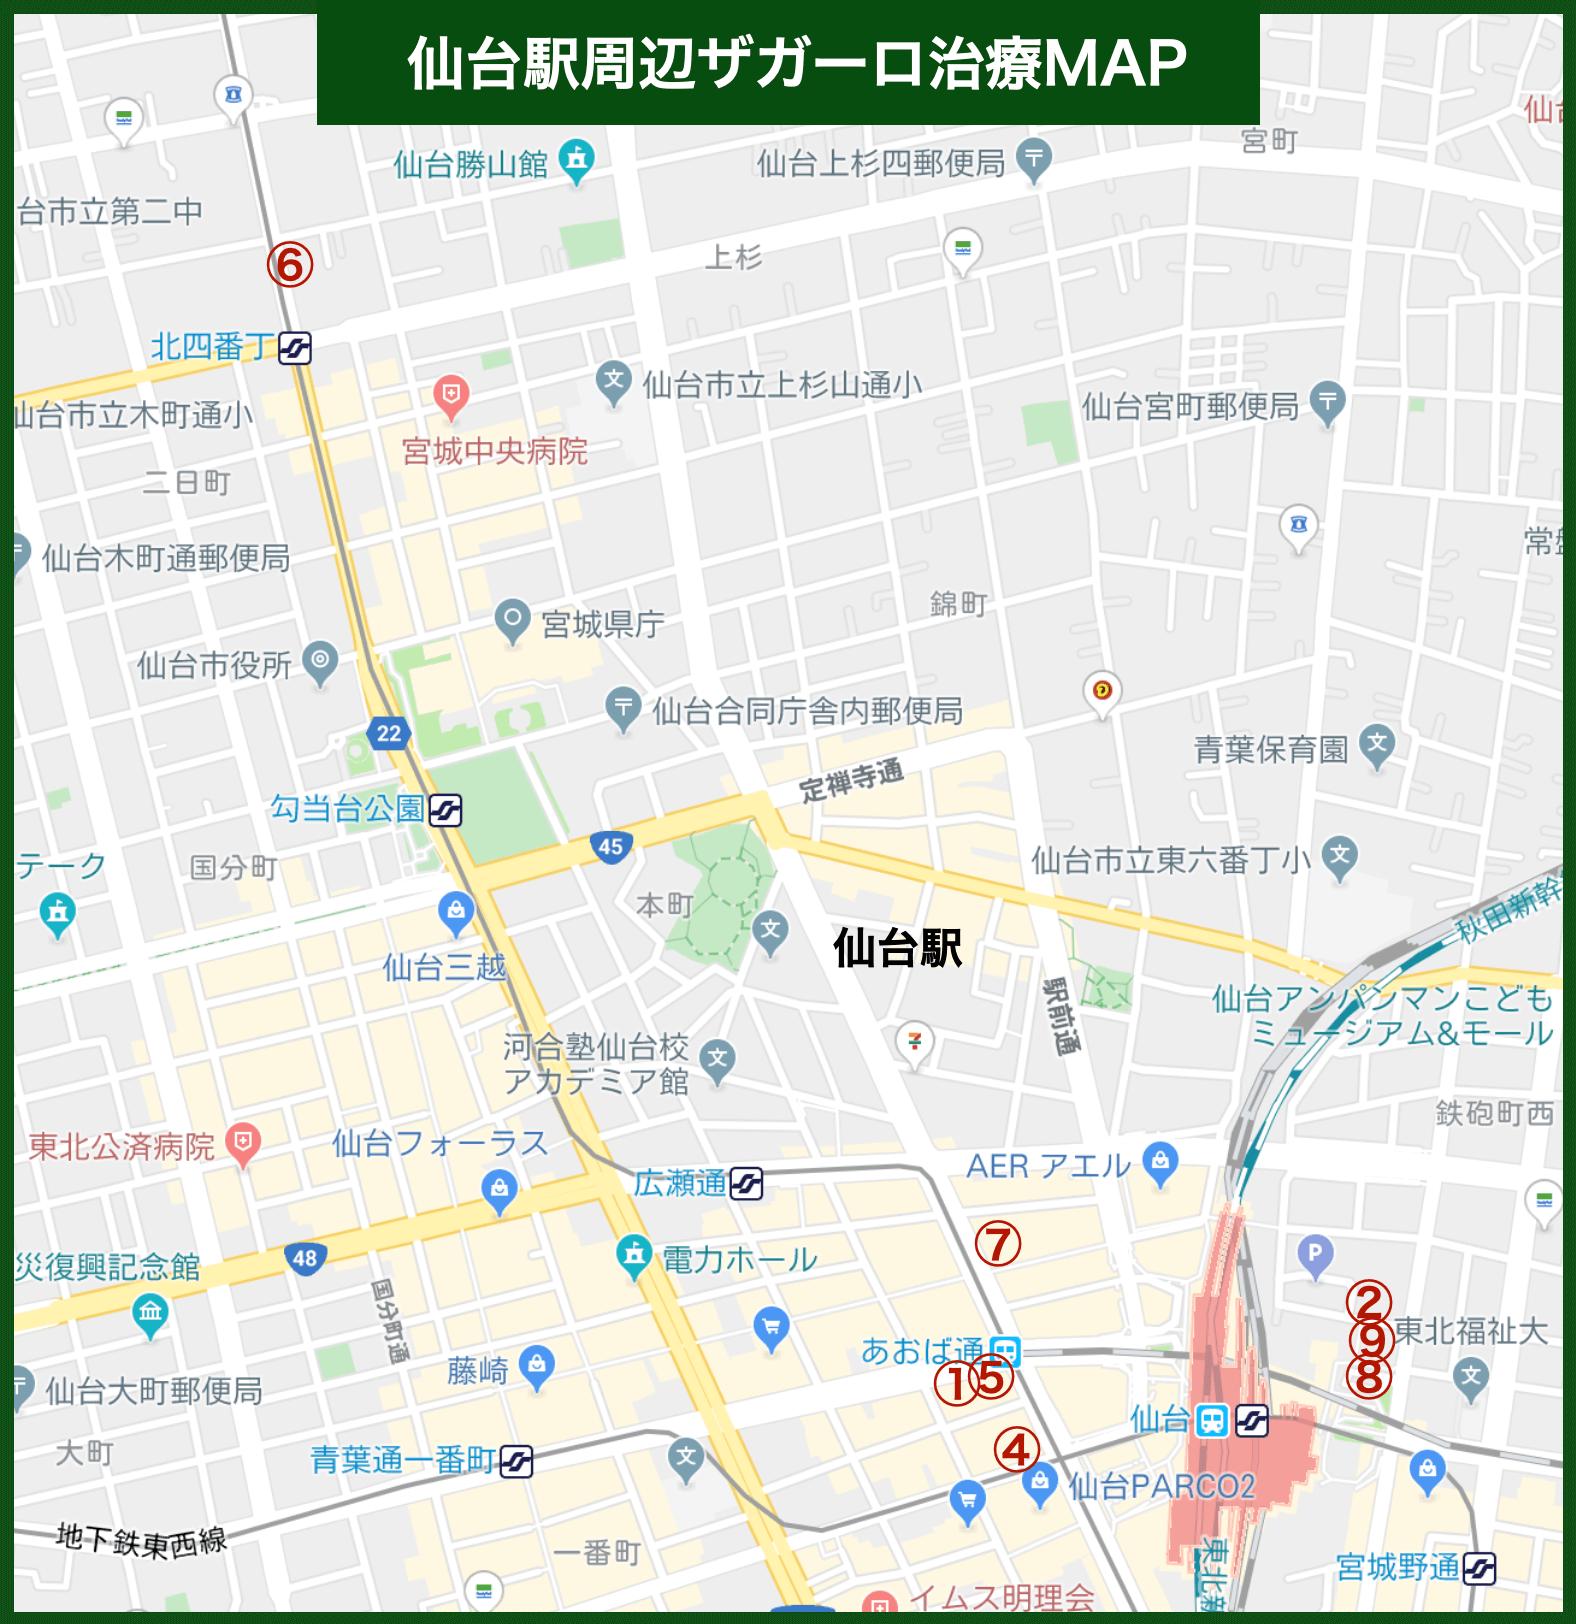 仙台駅周辺ザガーロ治療MAP